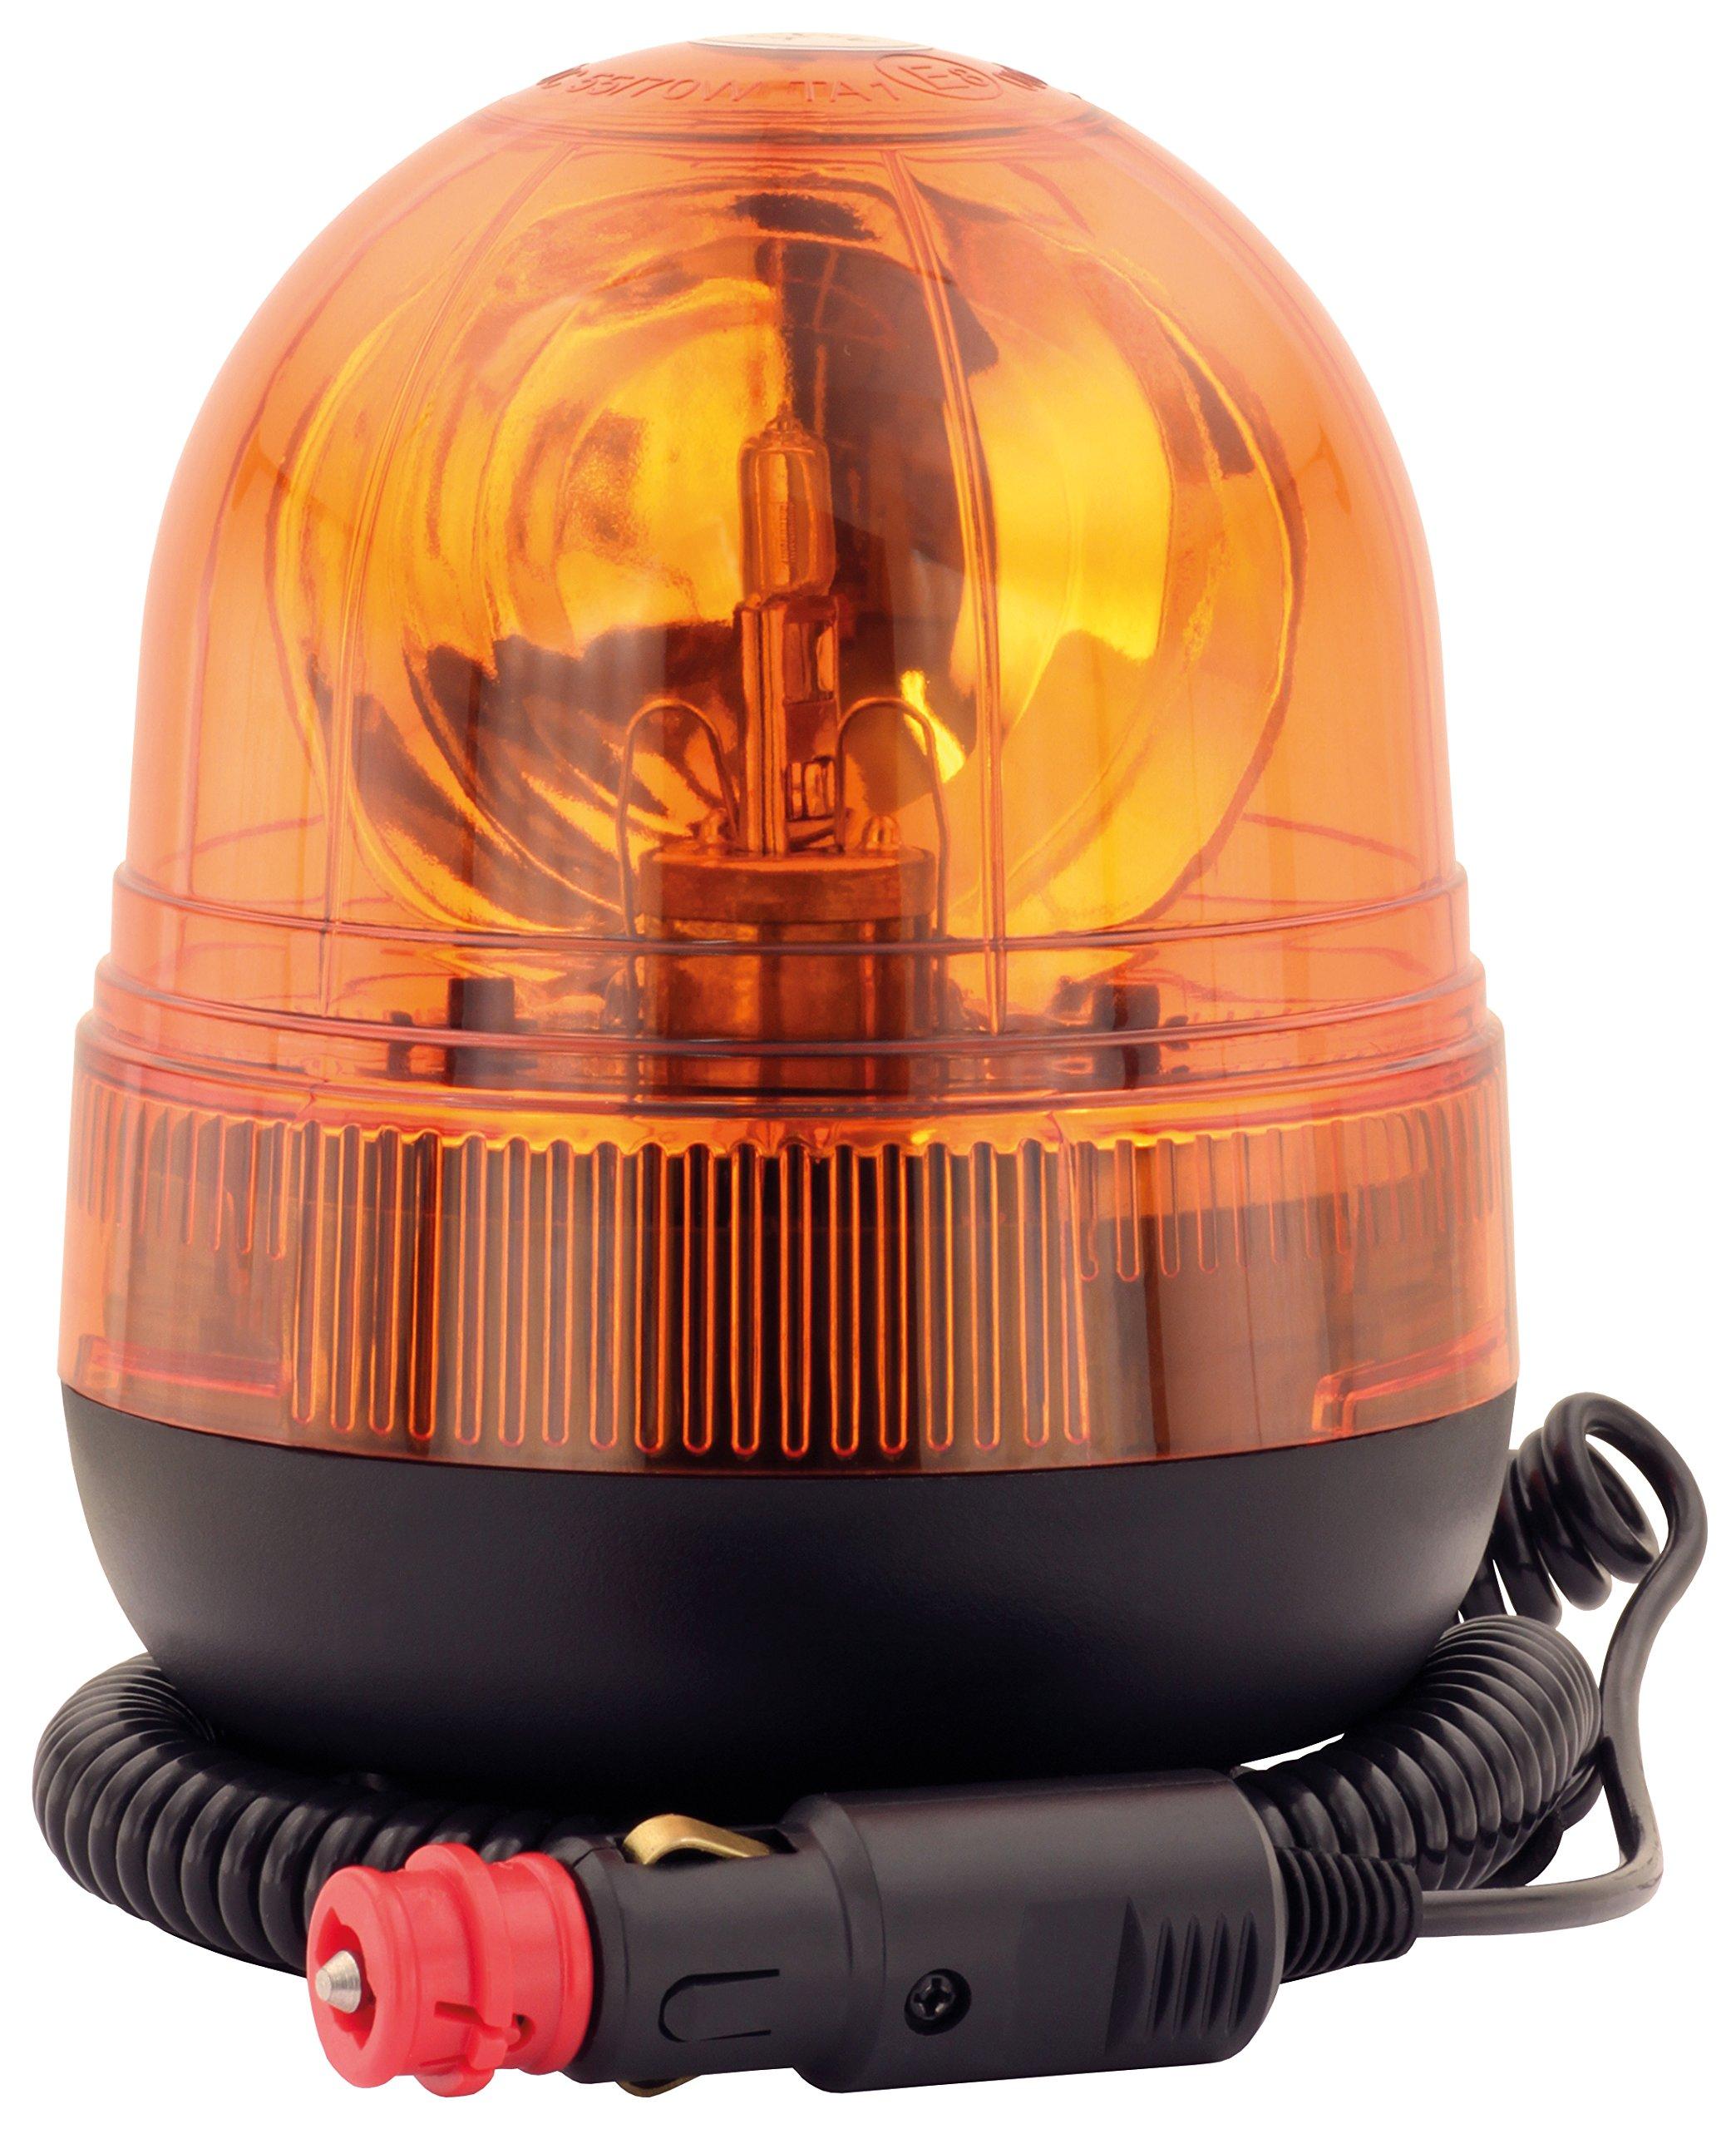 car warning light AdLuminis halogen beacon 12 V flashing light ECE R65 road traffic approval 24 V orange